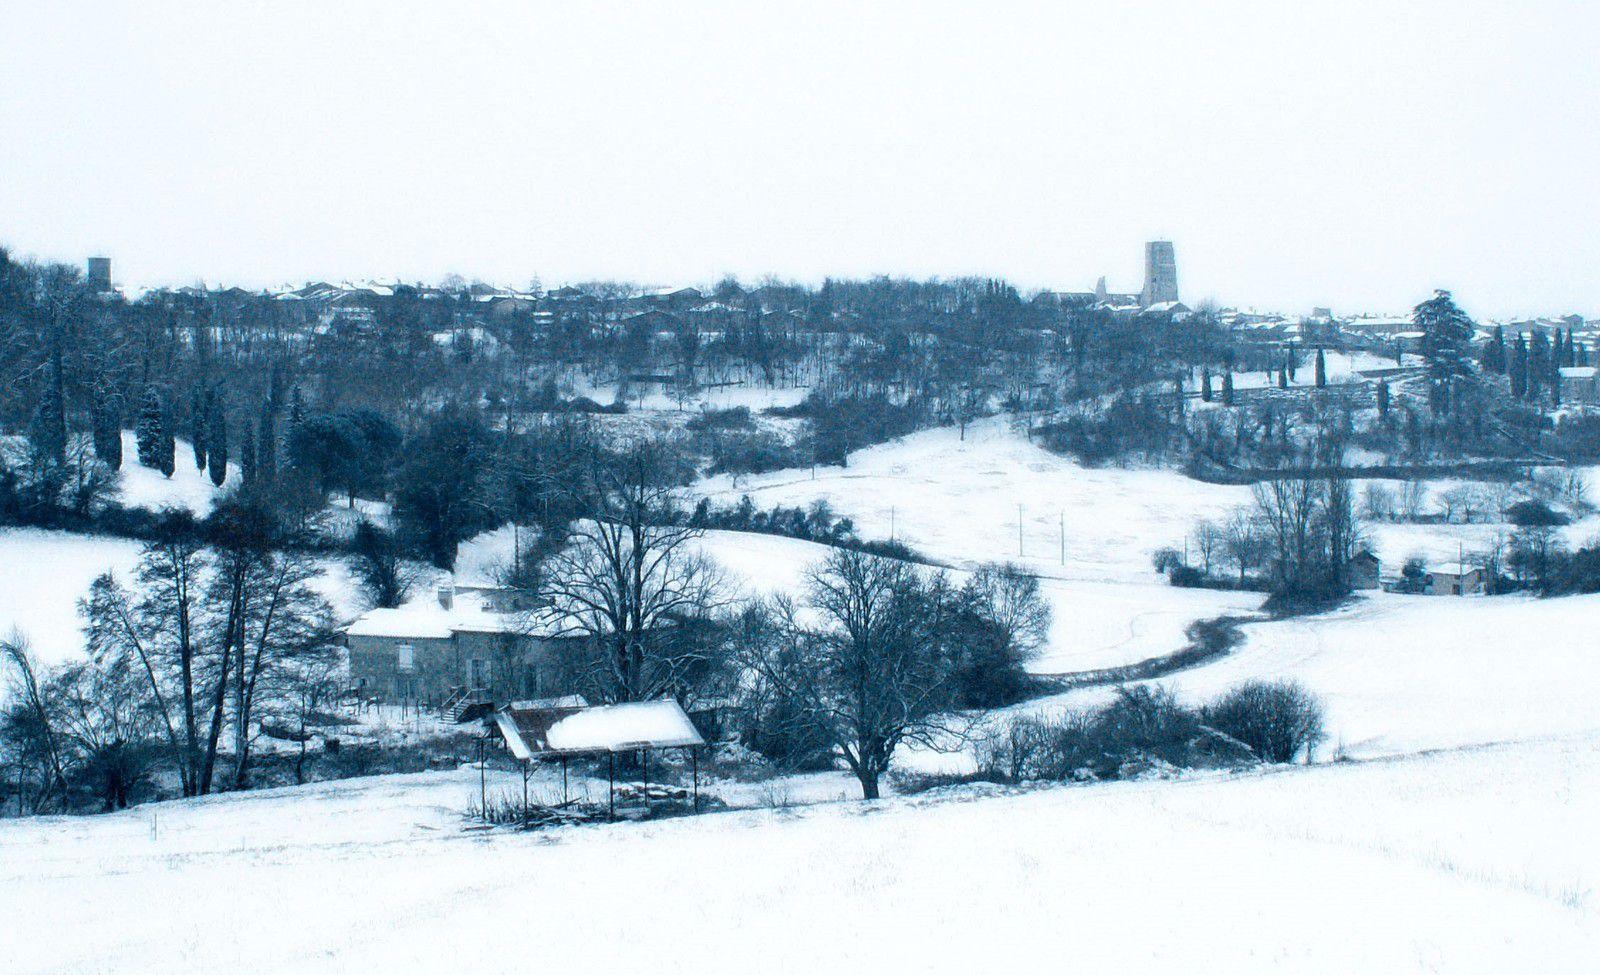 ruisseau de saint jourdain - lectoure - Les ruisseaux - mouline de belin - paysage hivernal